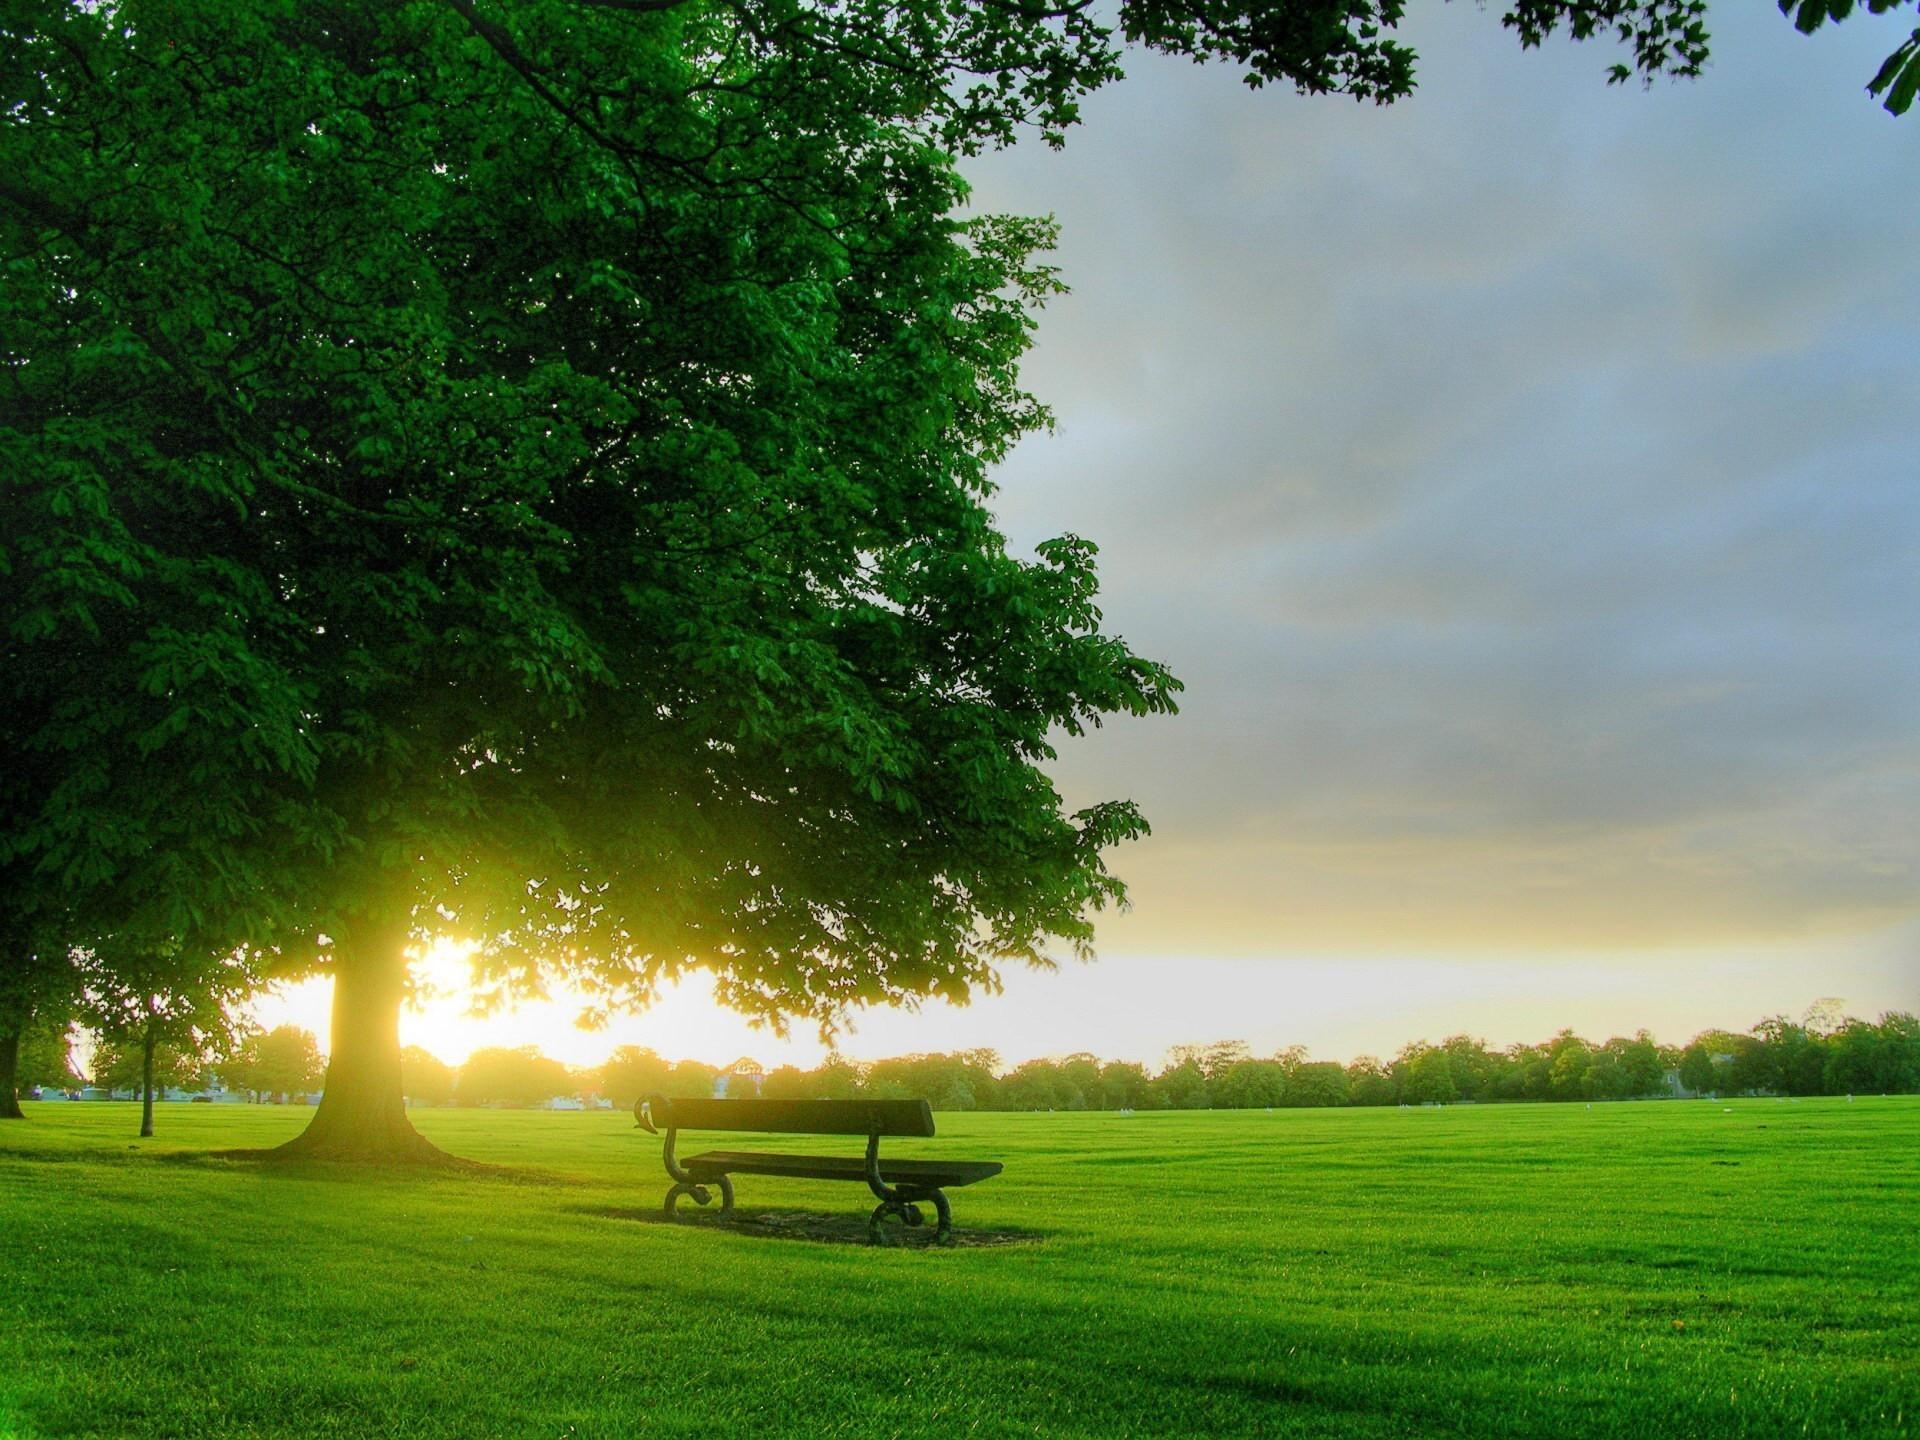 21931 скачать обои Пейзаж, Деревья, Закат, Трава - заставки и картинки бесплатно